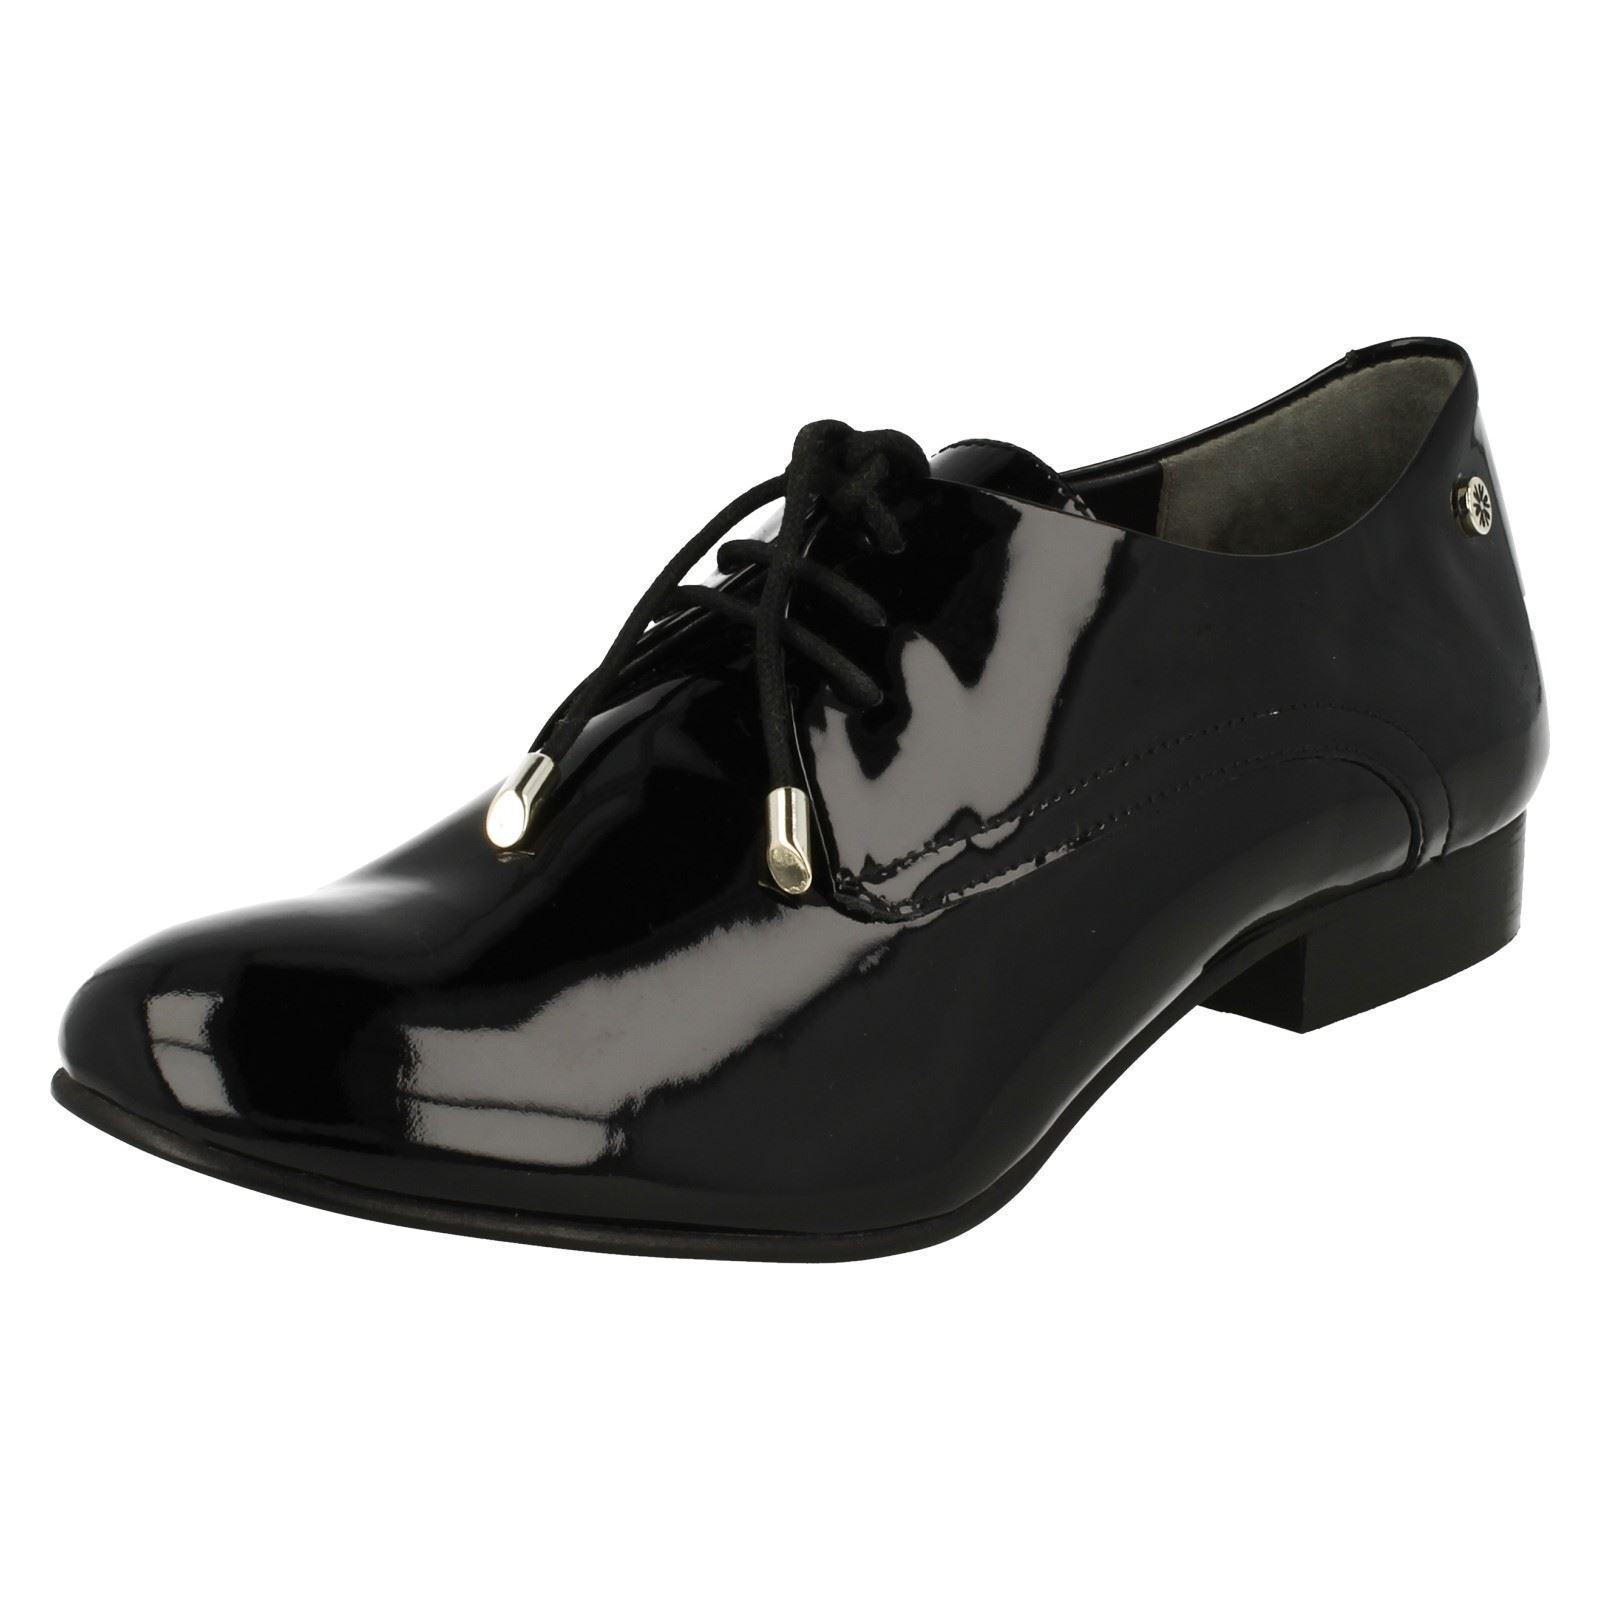 Damen schwarz / Schuhe Sturm Lackleder Schnürer Smart Van Dal Schuhe / Cagney a37b90